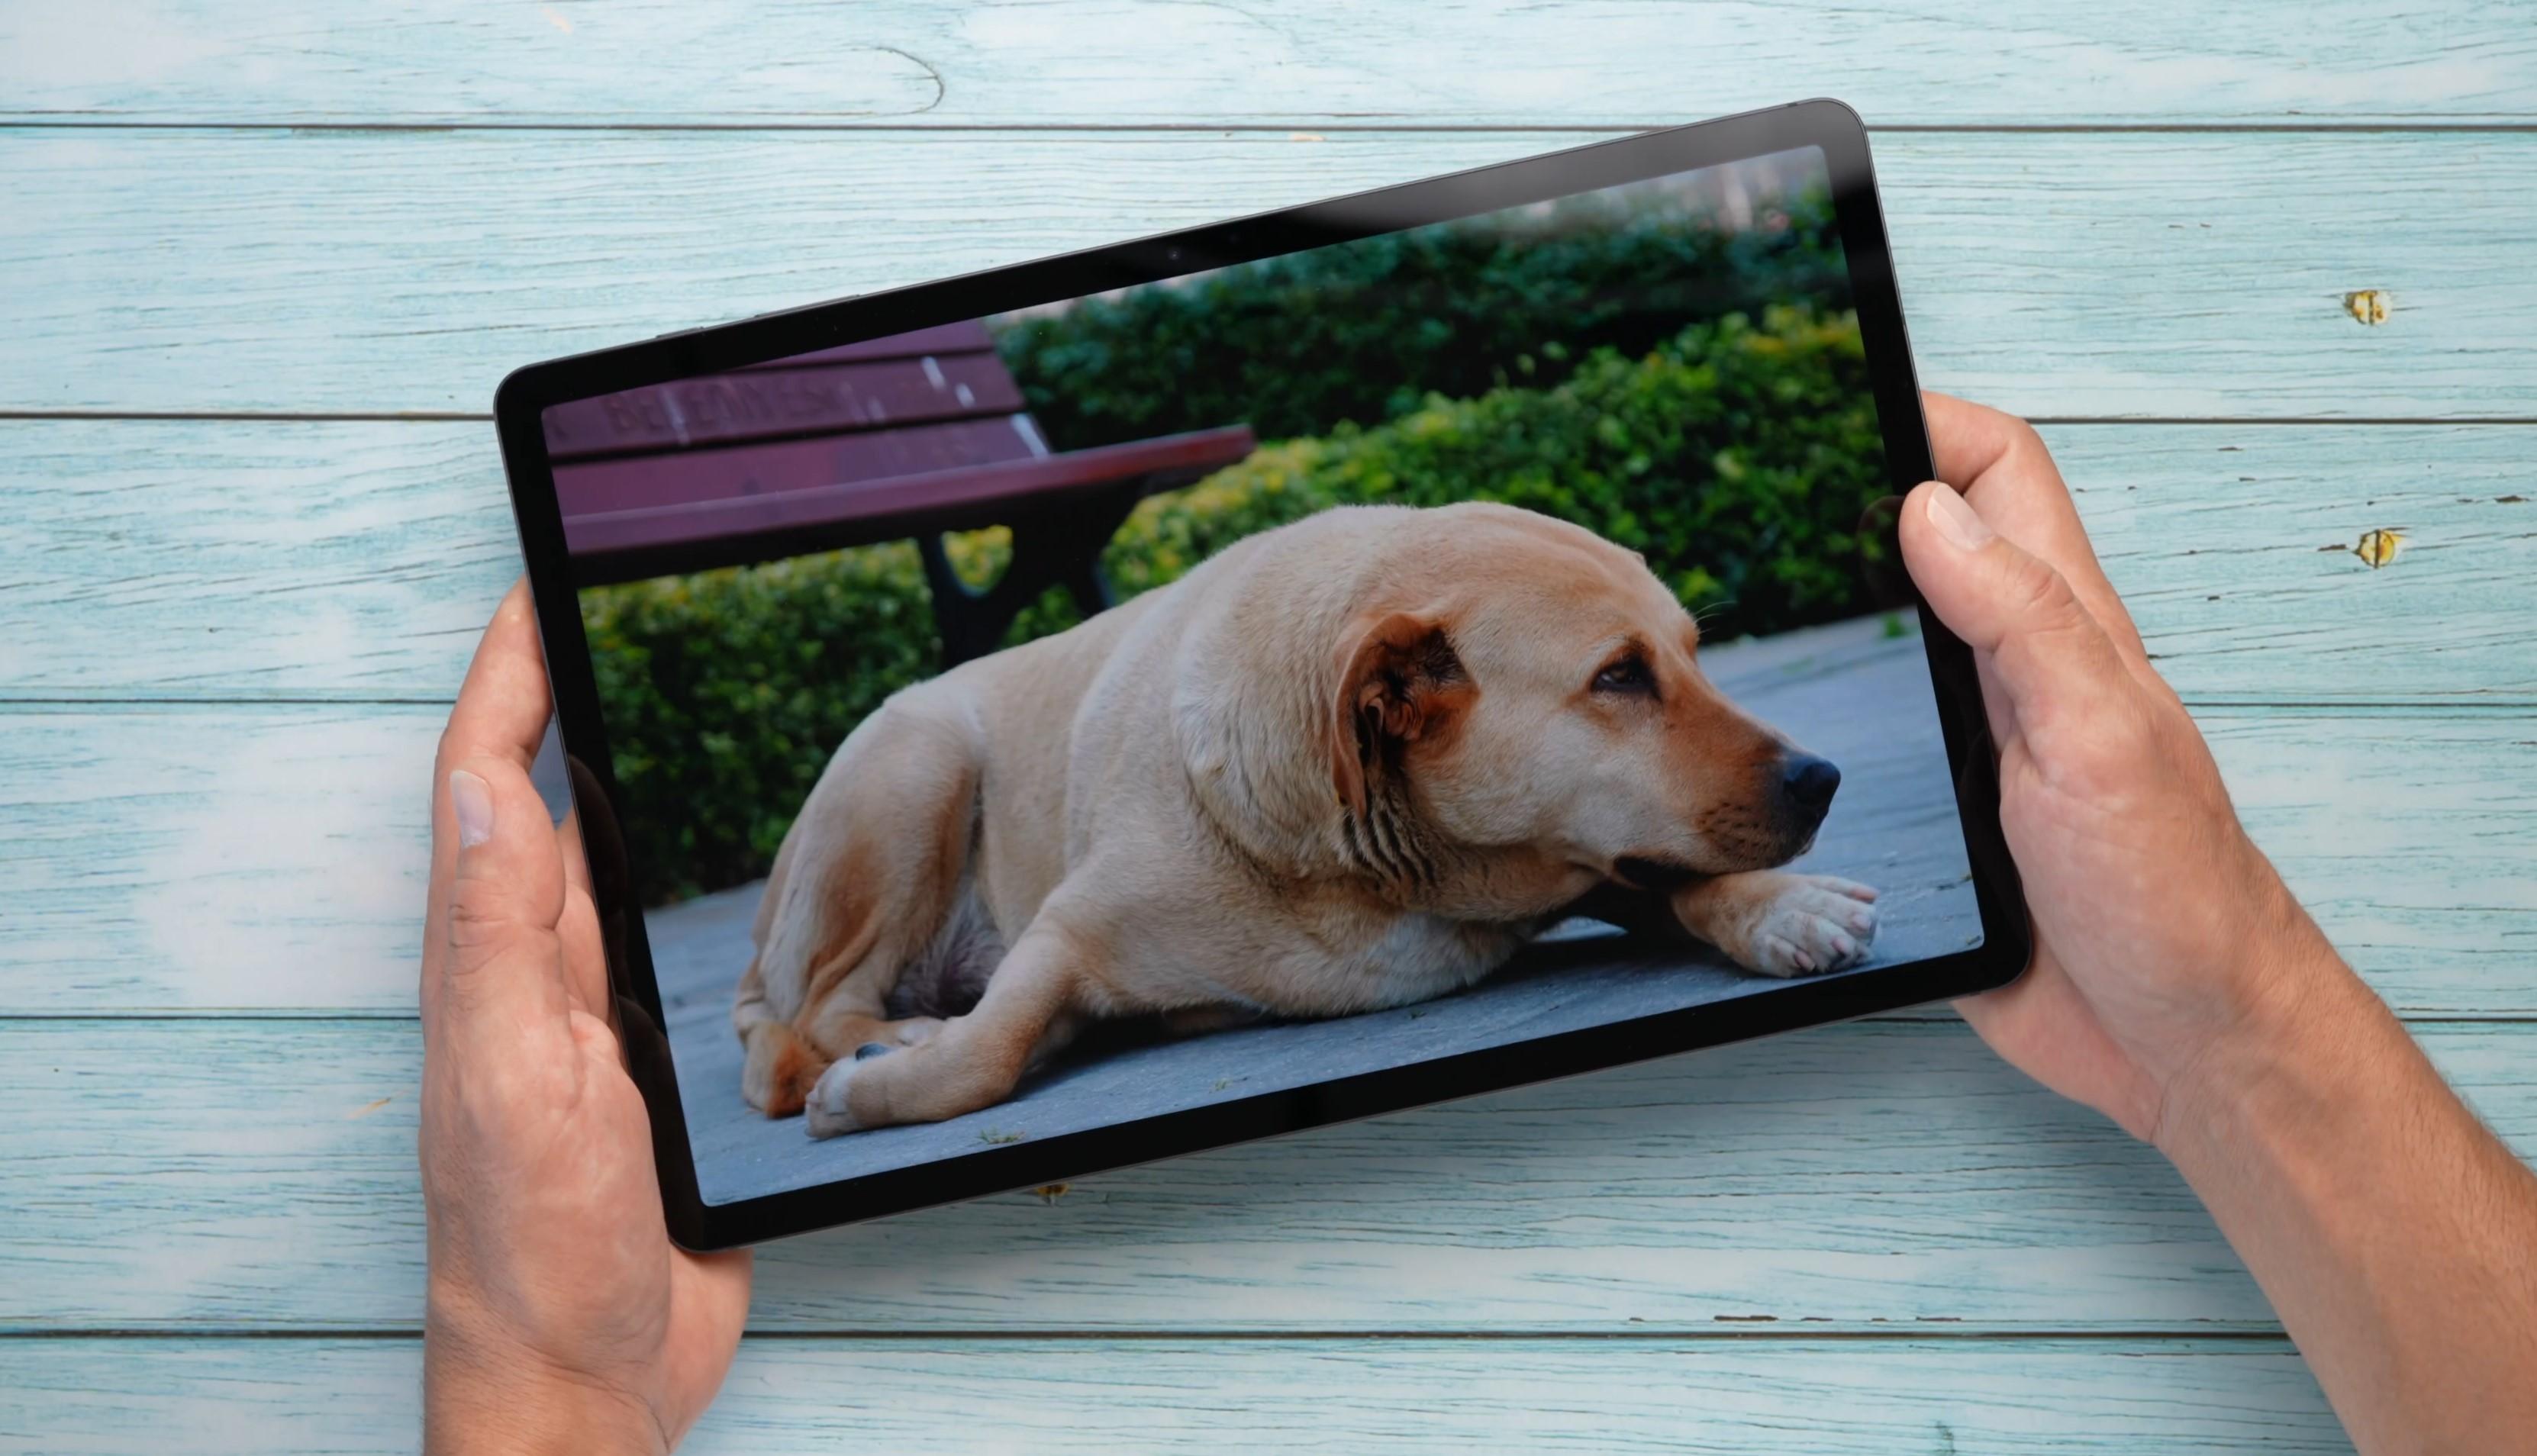 Samsung Galaxy Tab S7 FE Vlachakis Techblog review